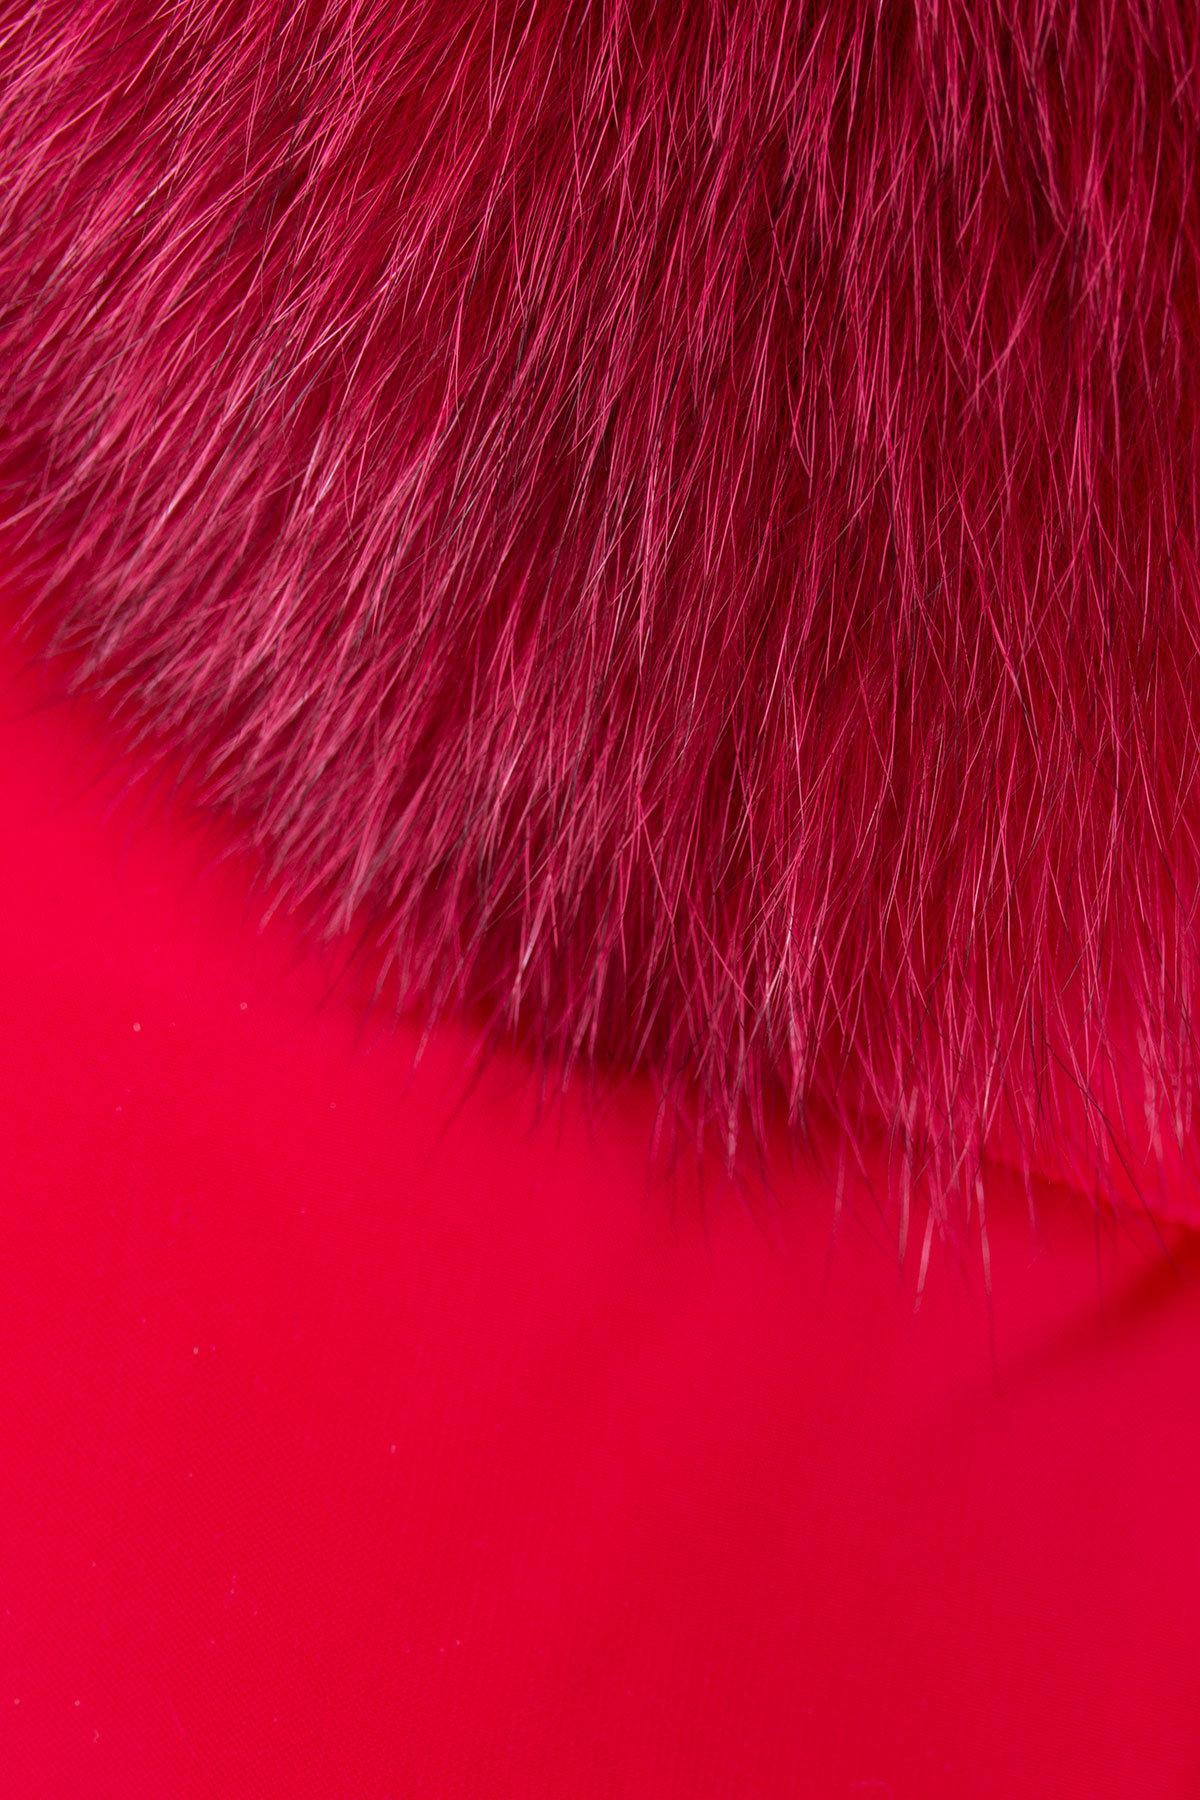 Пуховик с натуральным мехом песца Ари 3113 АРТ. 16409 Цвет: Красный - фото 4, интернет магазин tm-modus.ru